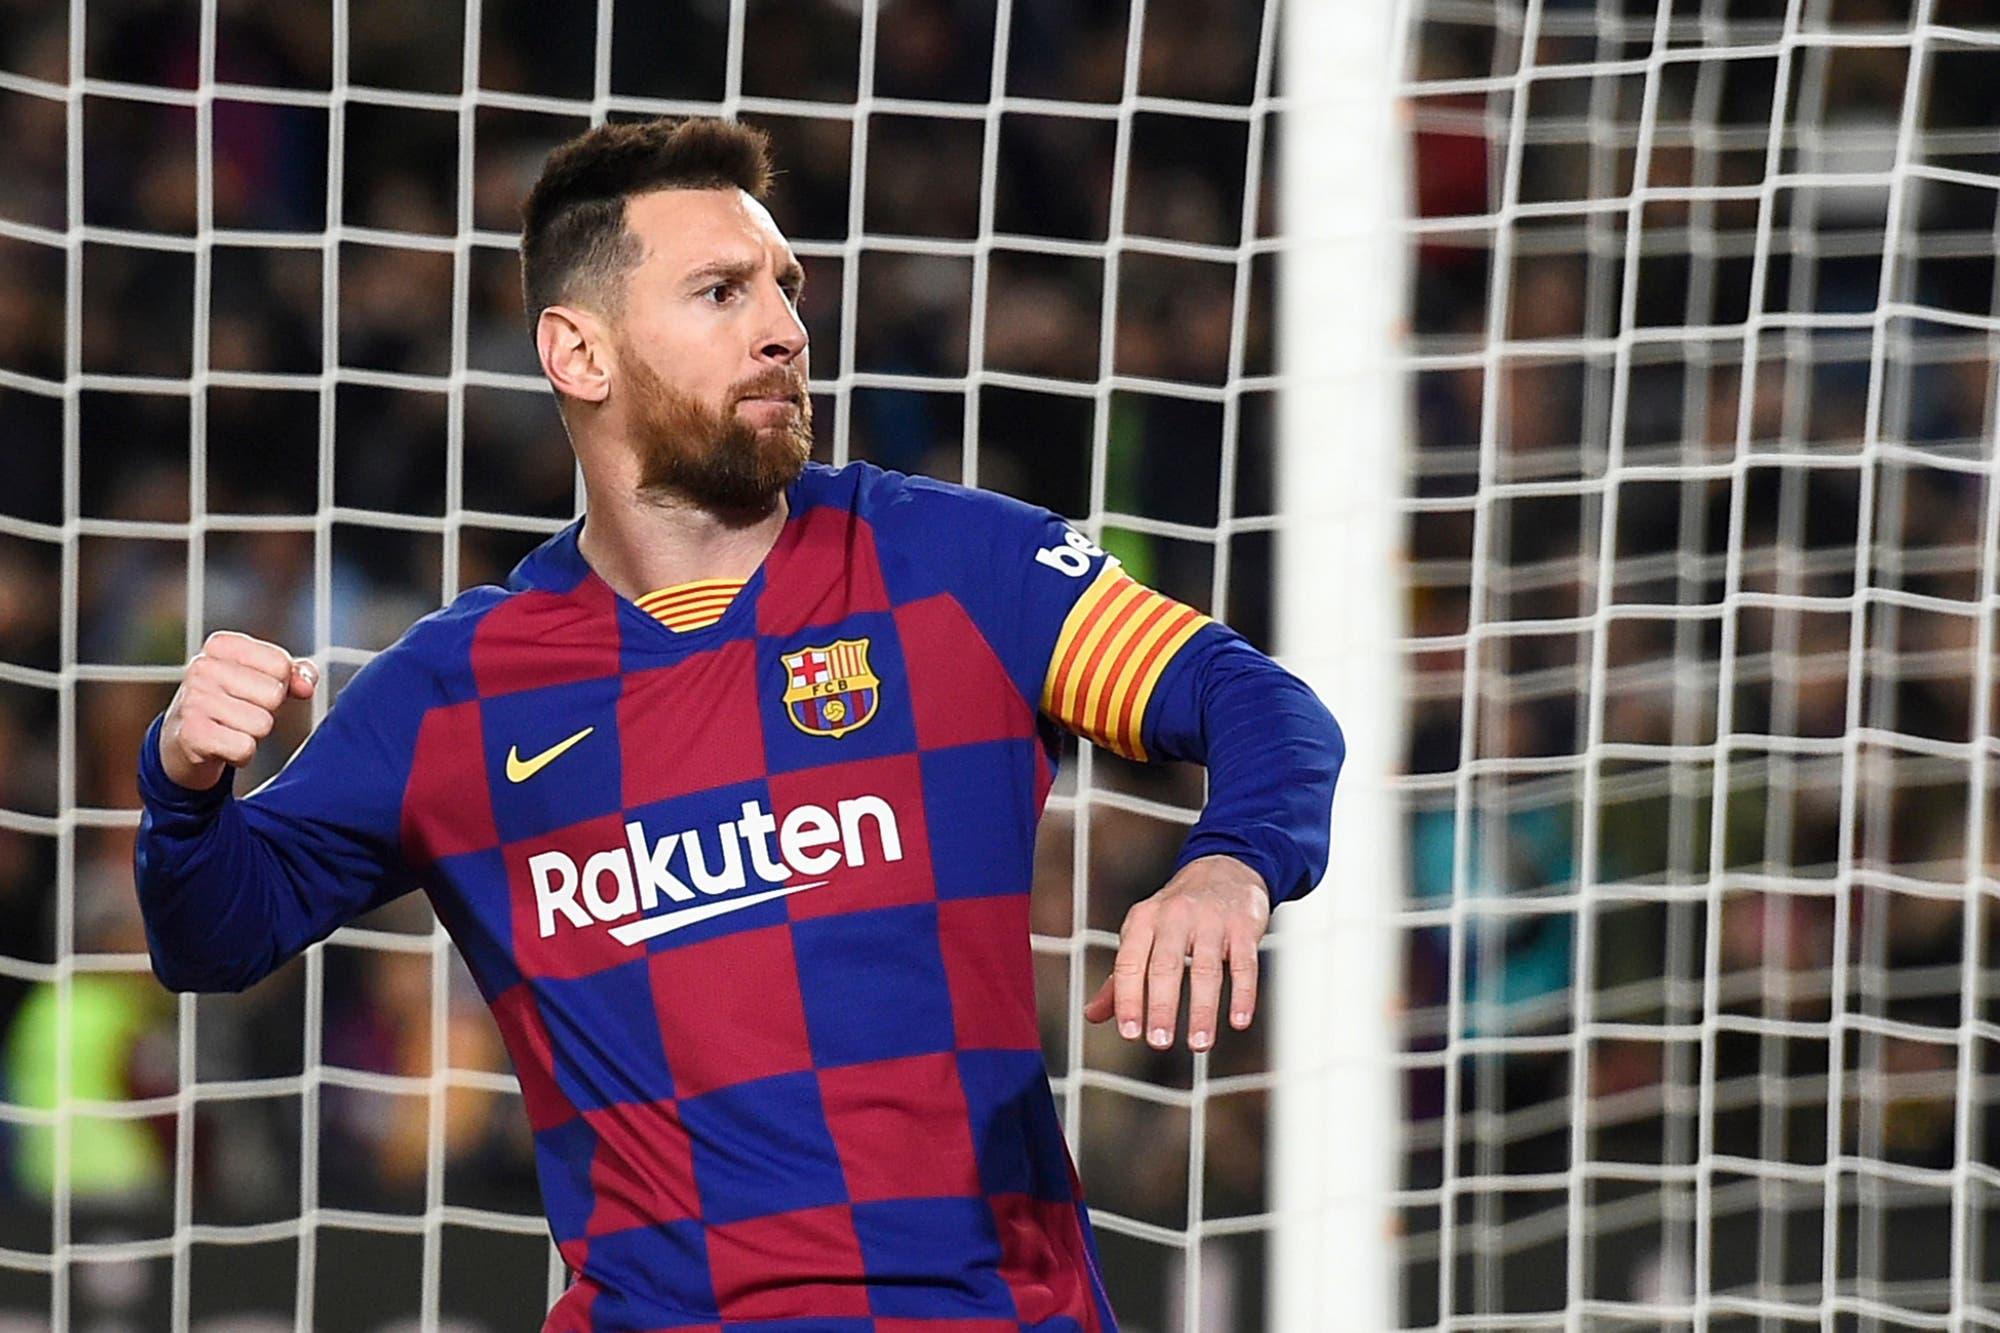 Agenda de TV de sábado: Racing-Tigre por un título, Barcelona con Messi, la final de polo y más fútbol de Europa